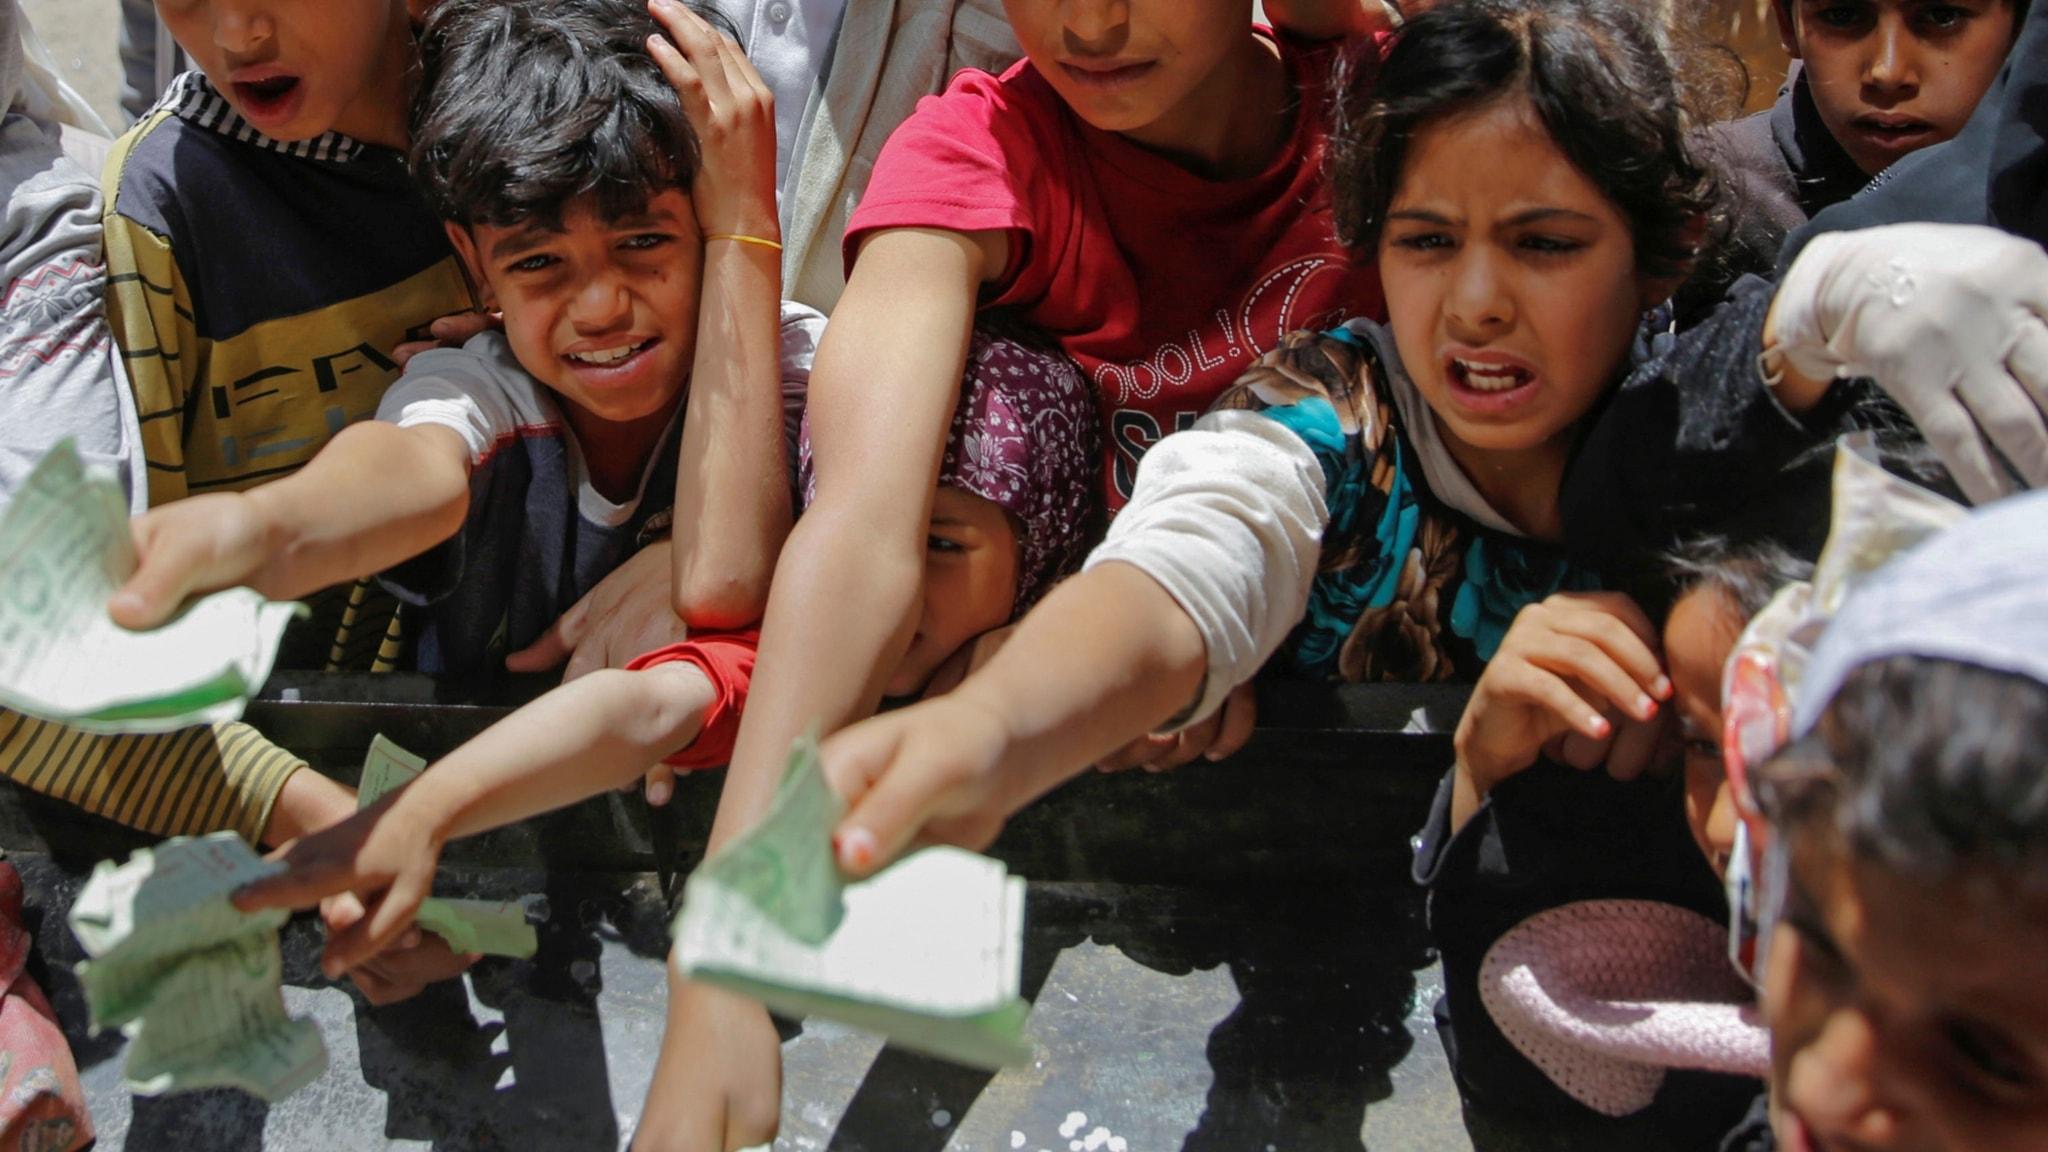 Vem svälter Jemen?